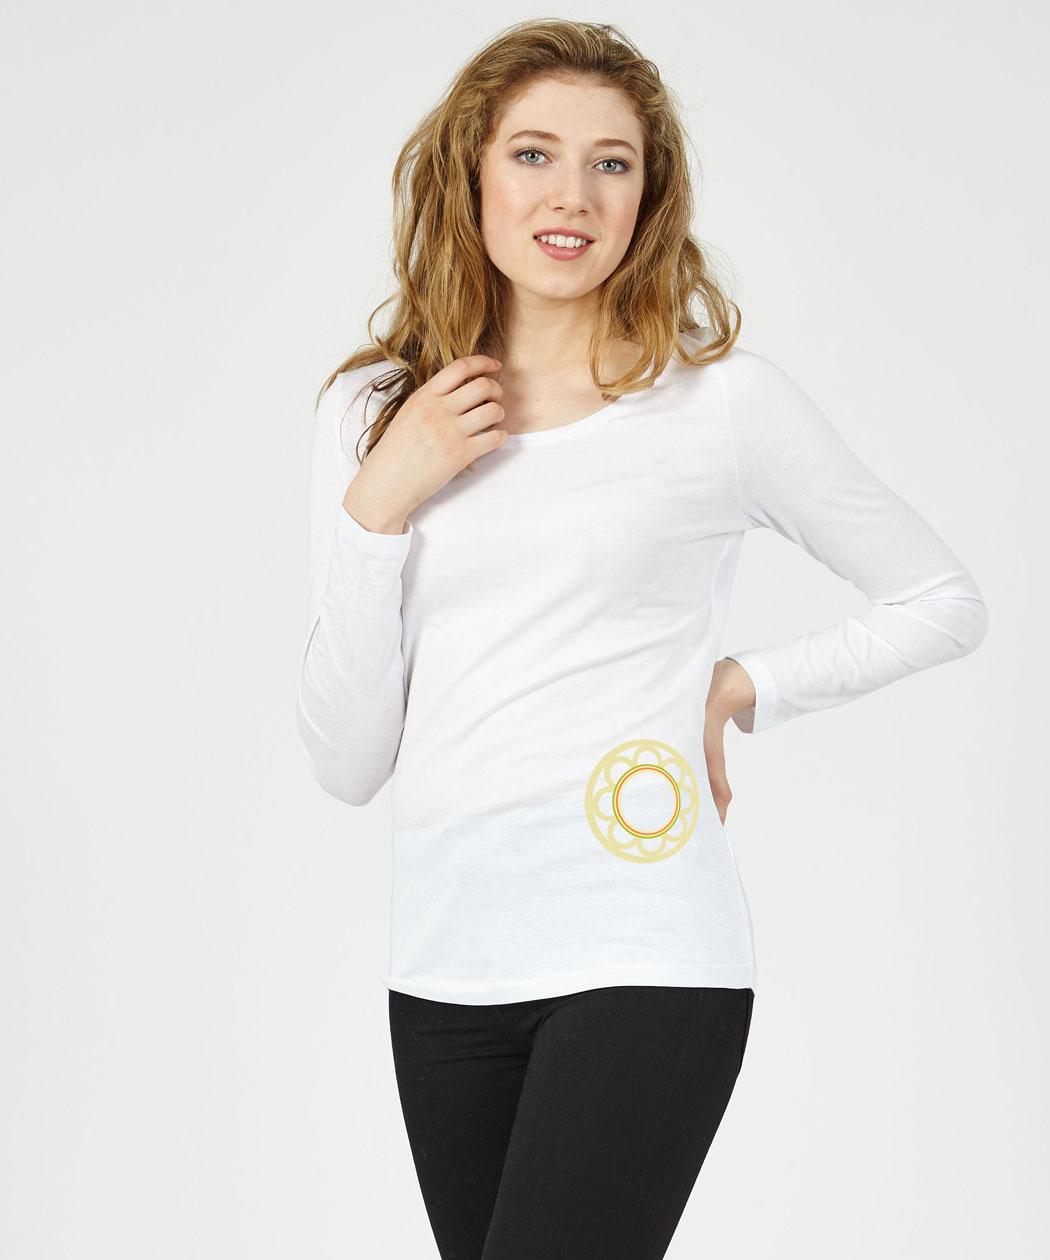 T-lab Porto Rosa womens t-shirt